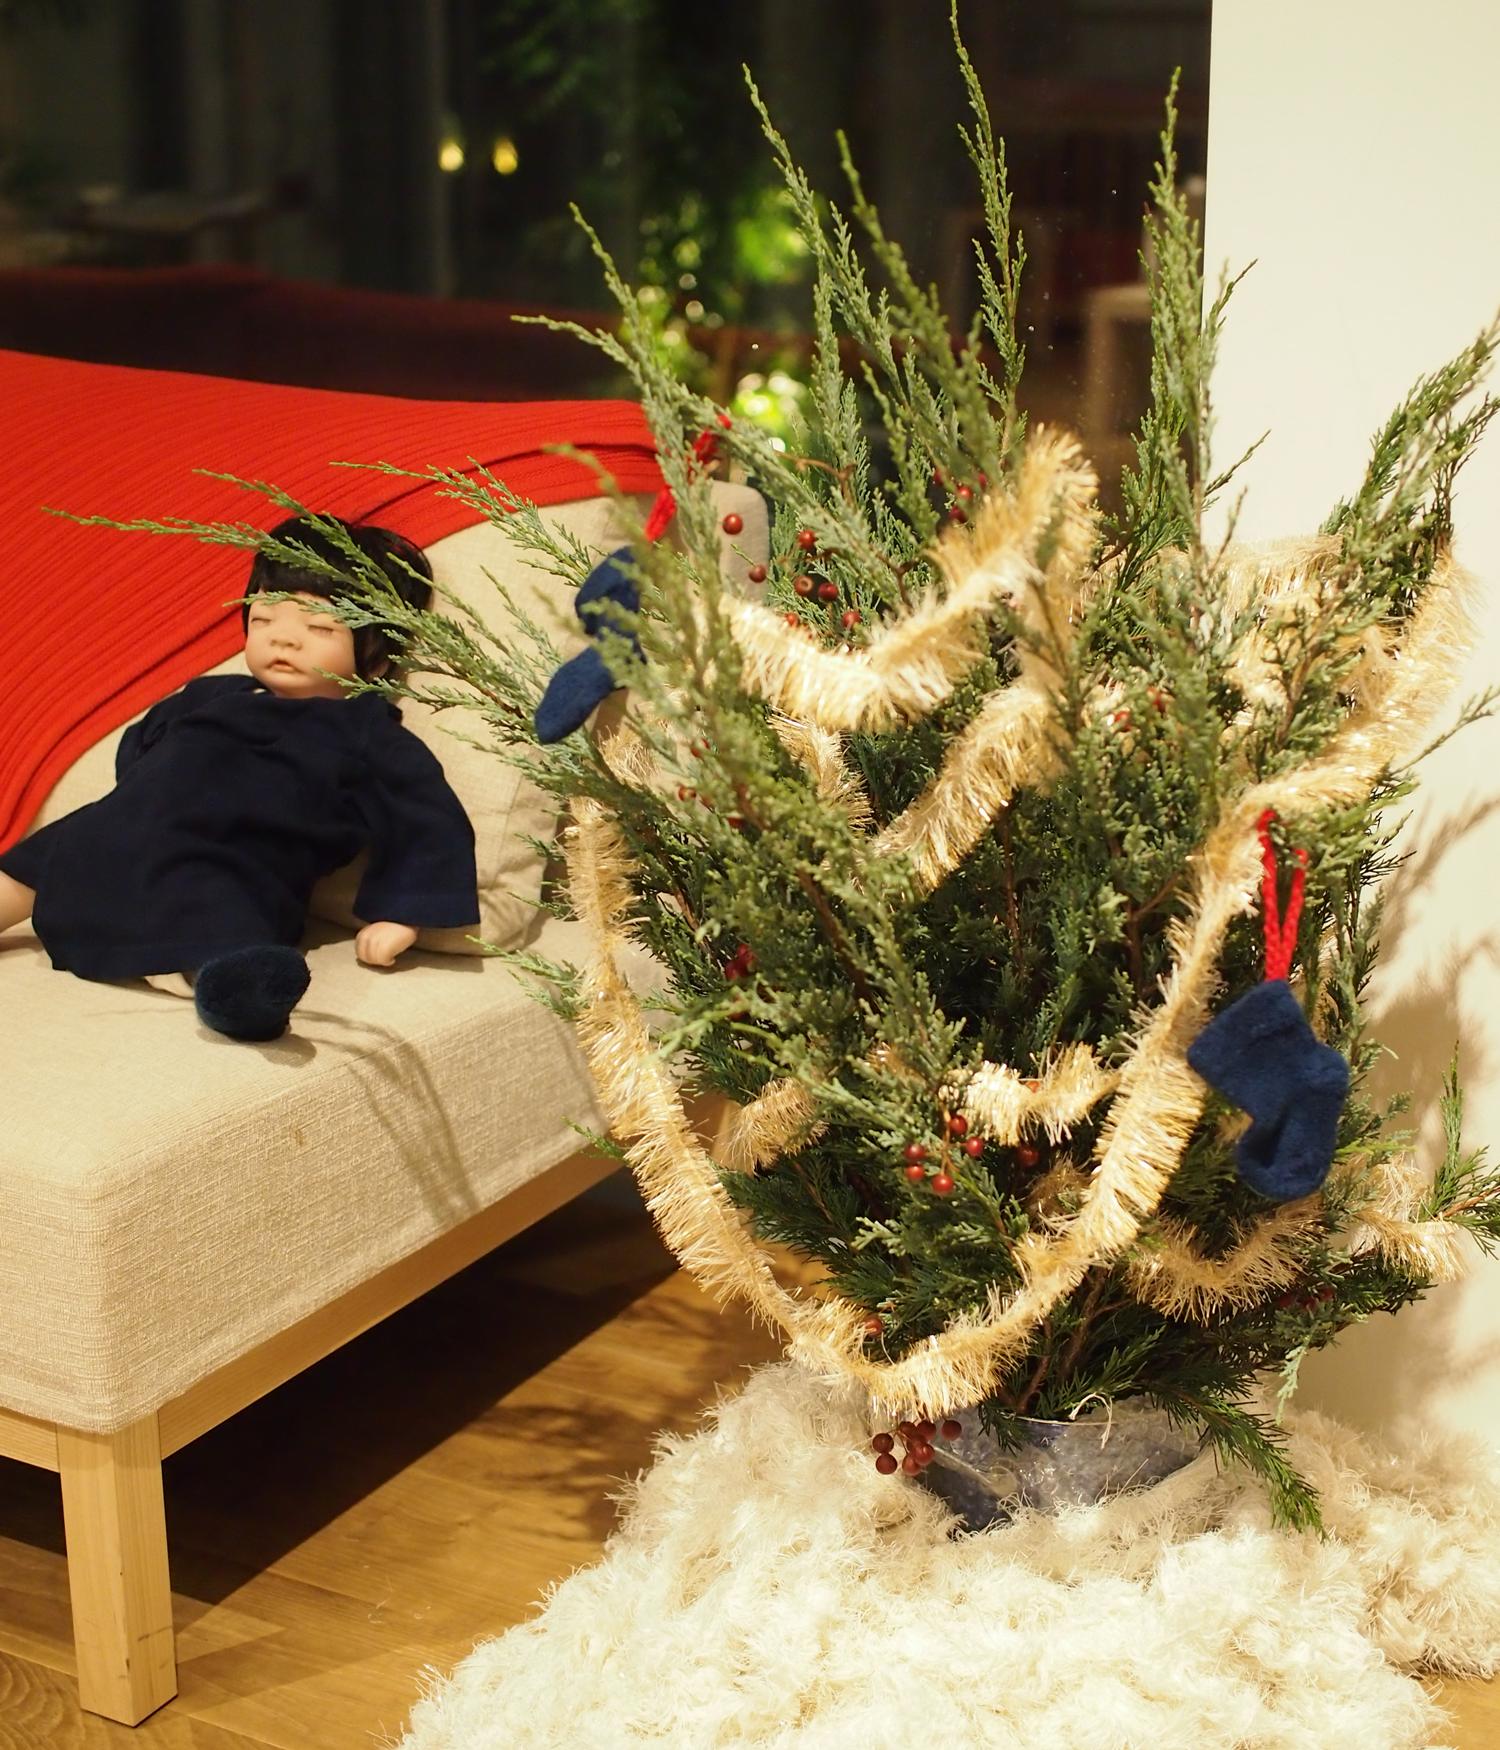 aeru meguroのクリスマスツリー